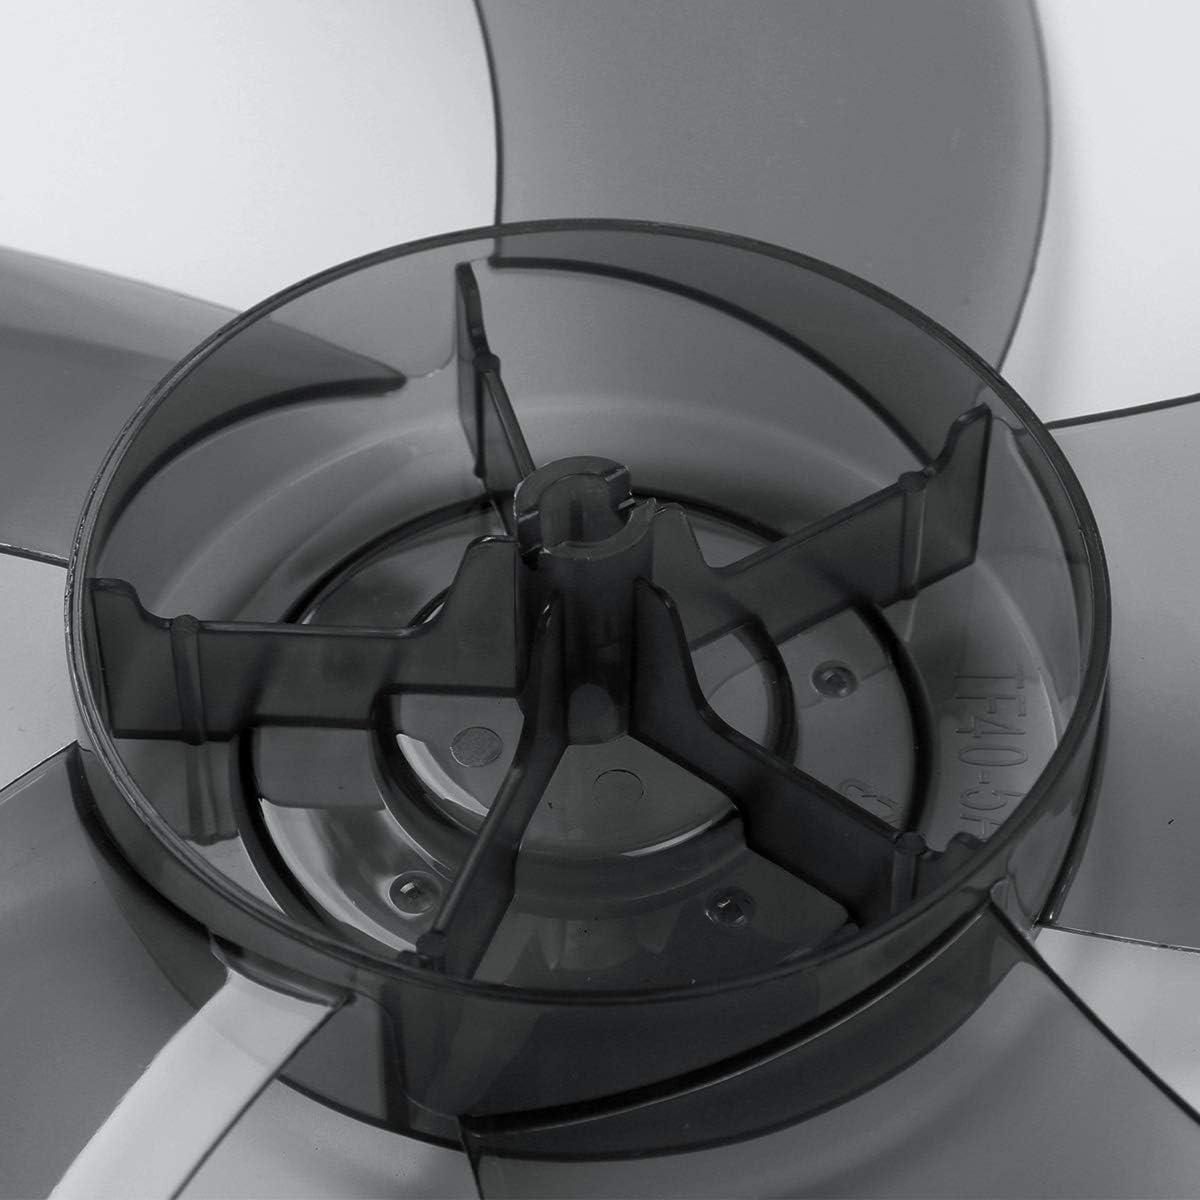 Freebily 400mm 16 Zoll Lüfterflügel 5/3 Blätter aus Kunststoff Blätter Ersatz für Haushalt Standfußlüfter Tischfan Bodenventilator Universal Zubehör Grau 3 Blätter